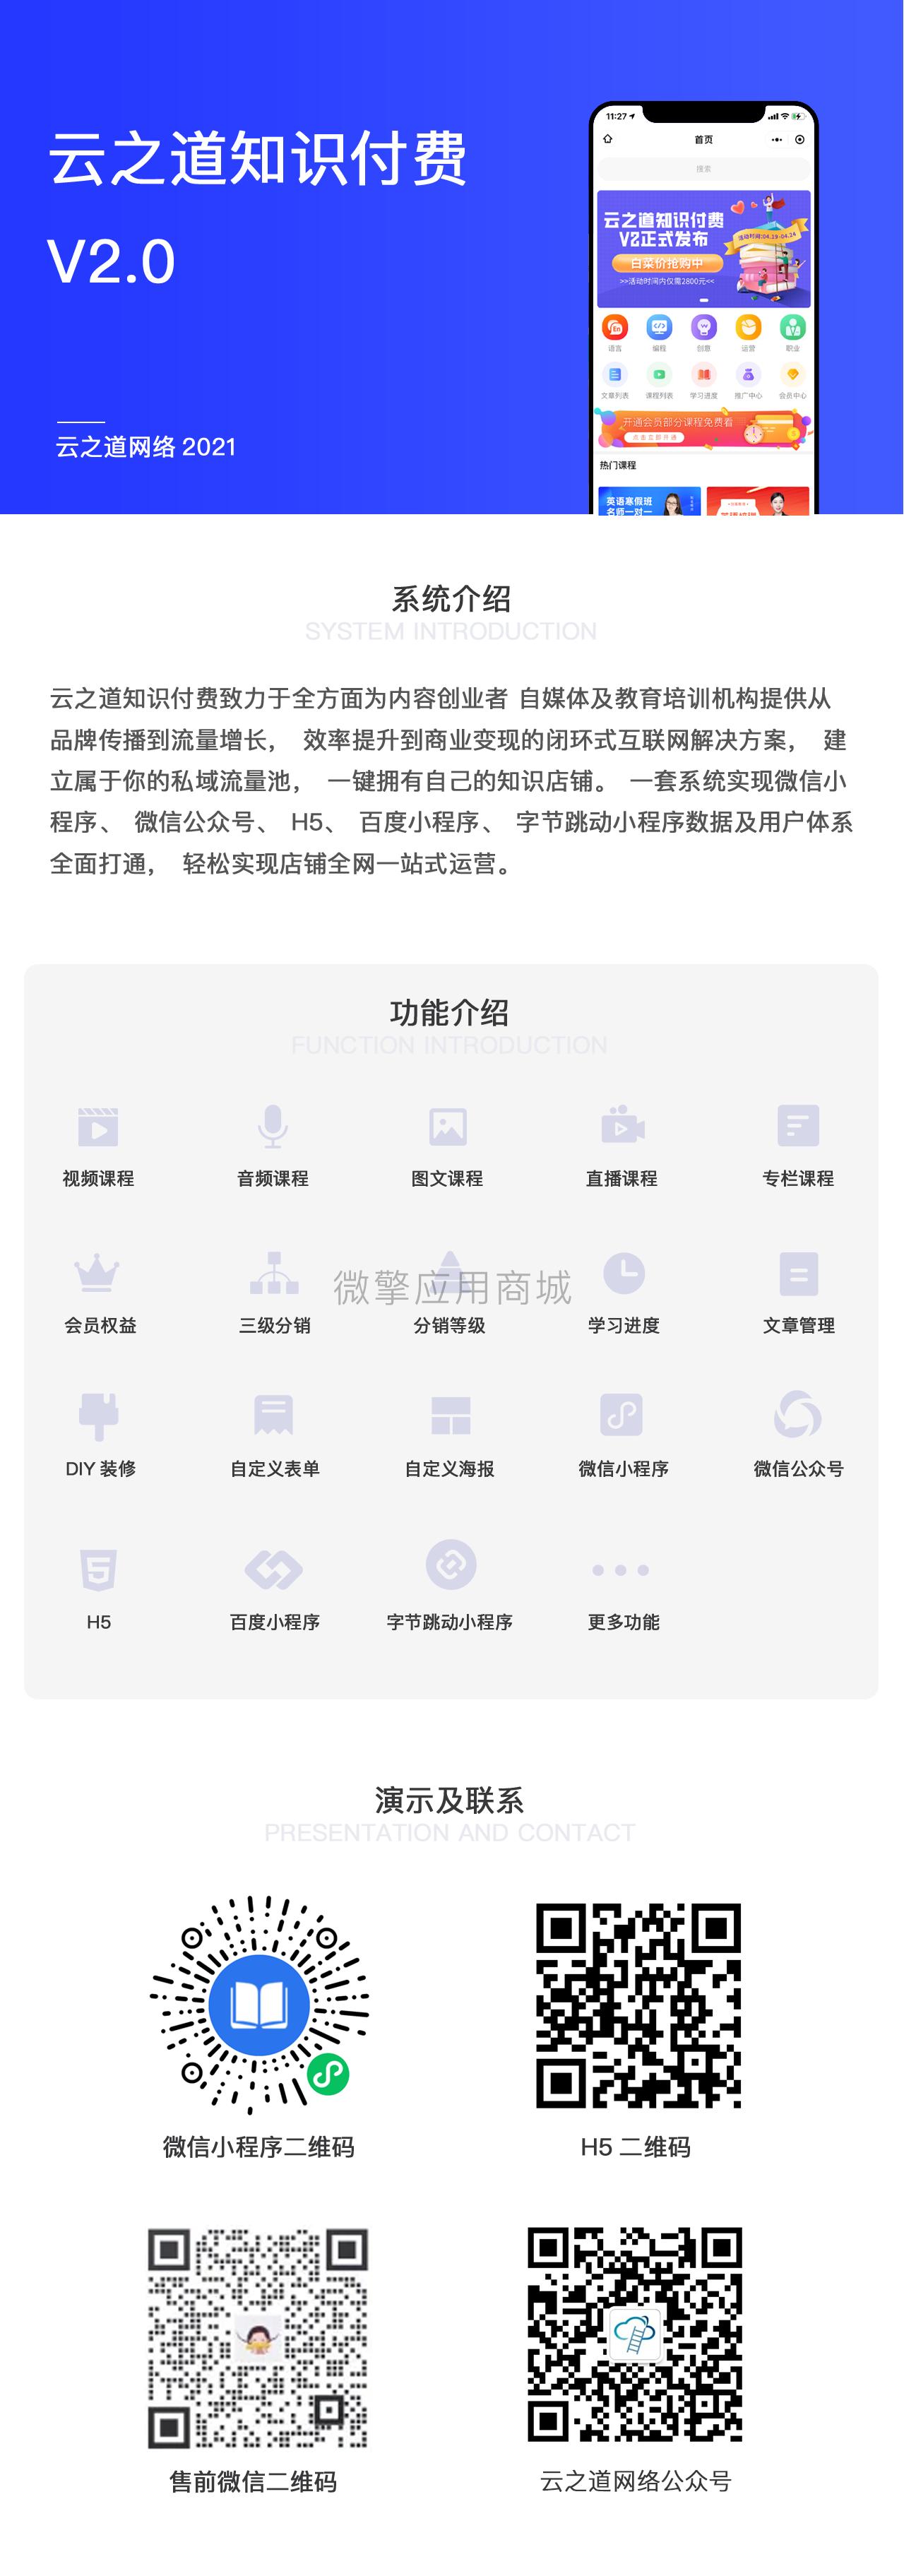 云之道知识付费V2独立线传版2.4.9新增后台支持删除用户